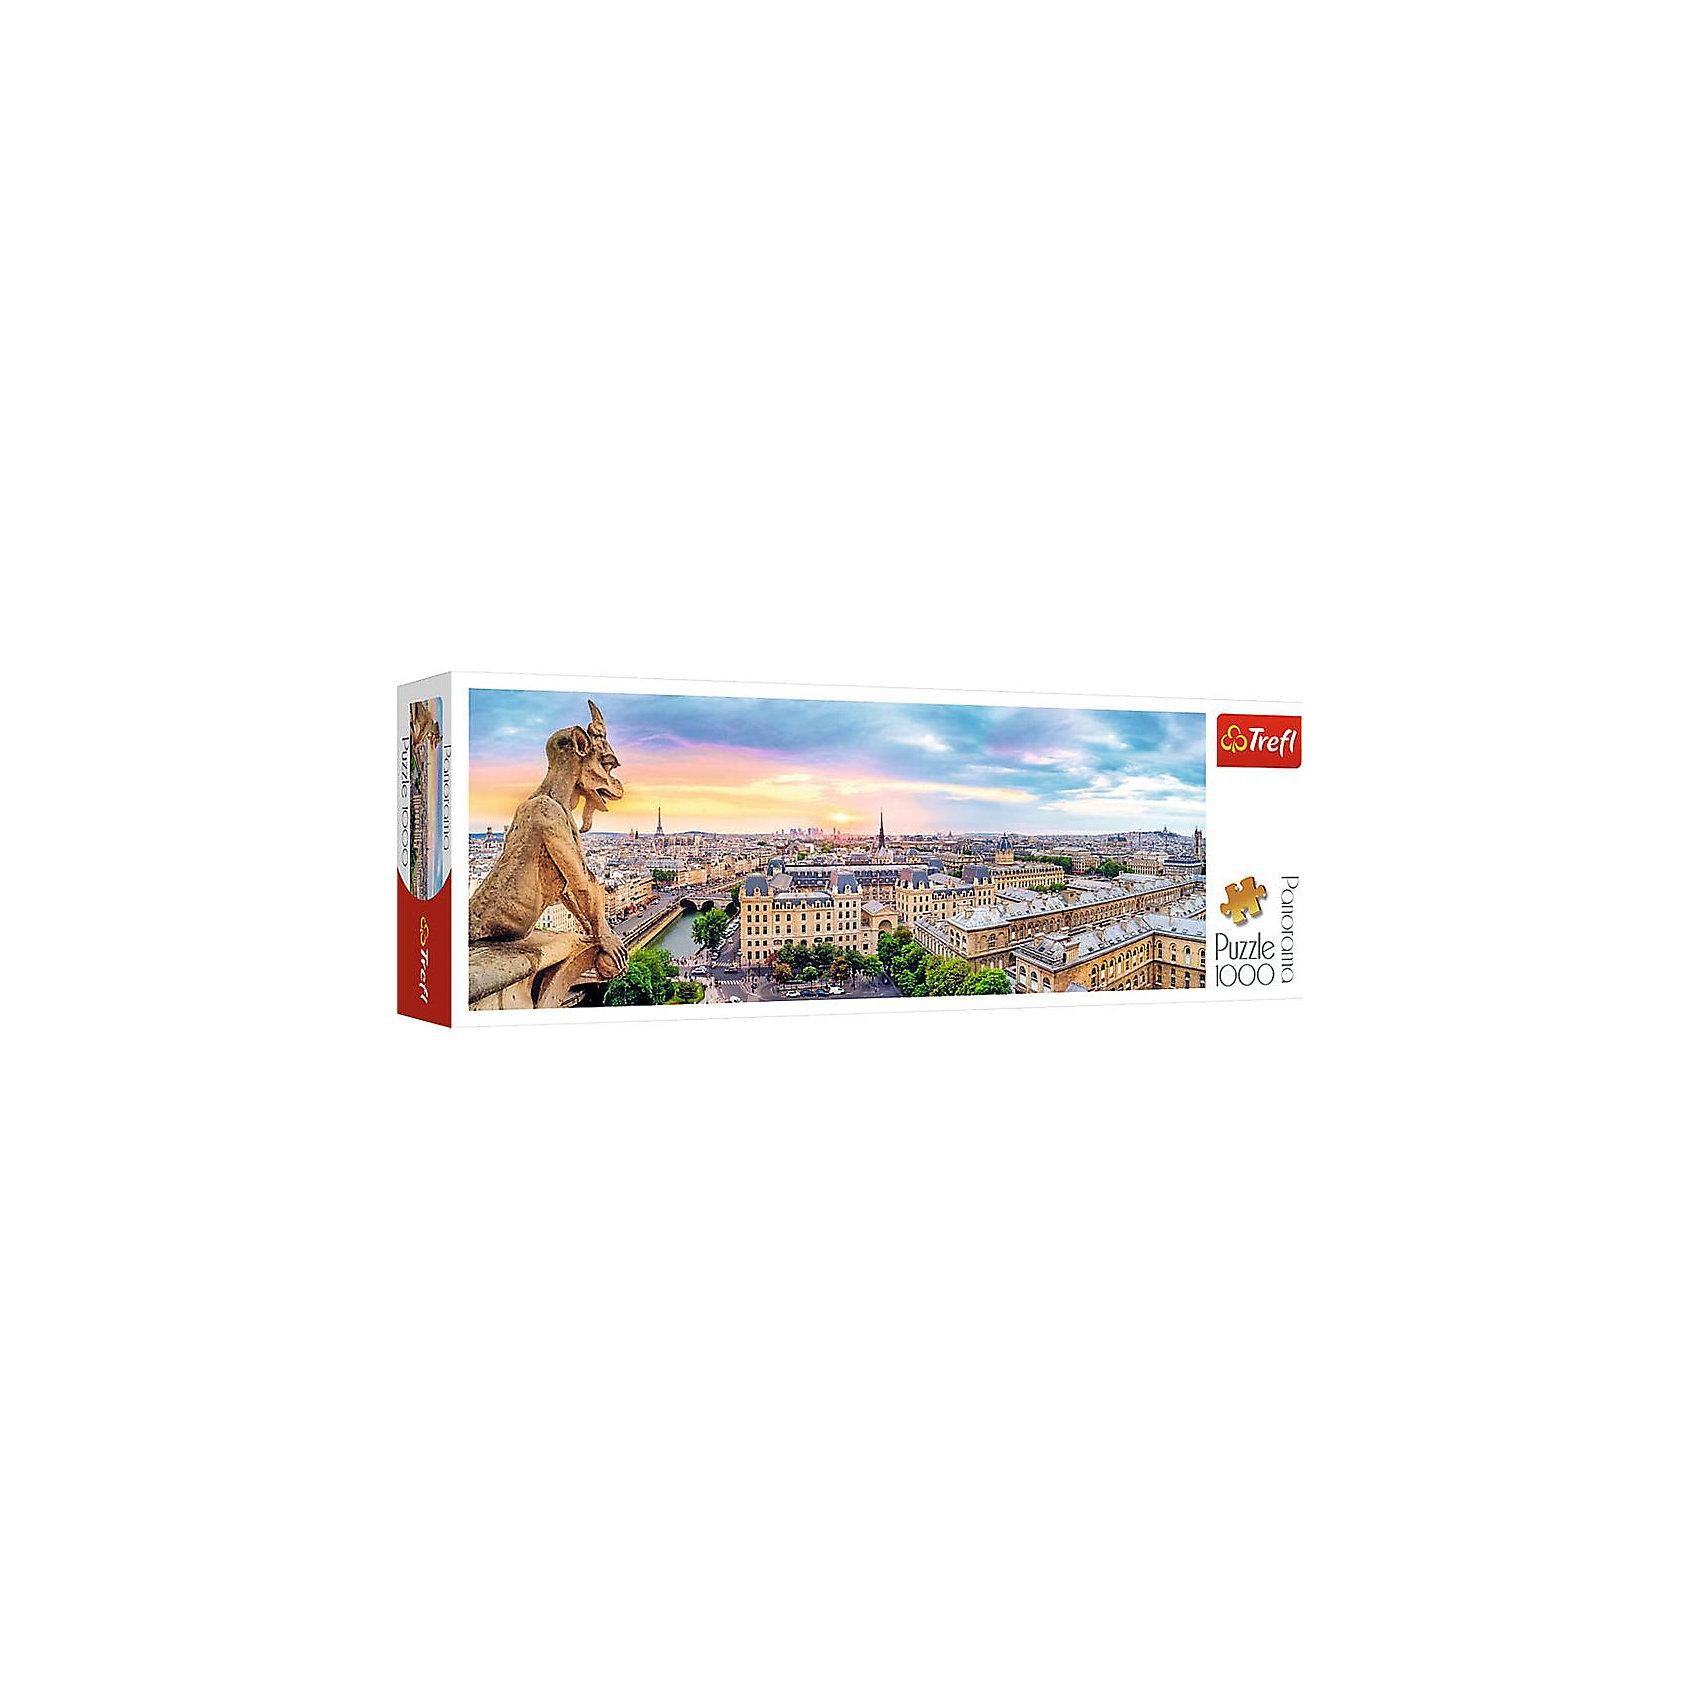 Пазлы панорамные Trefl «Вид с собора Нотр-Дам», 1000 элементовПазлы для детей постарше<br>Очутитесь во Франции вместе с панорамный пазлом Вид с собора Нотр-Дам от известного бренда Trefl! На панораме виден весь Париж с его великолепной архитектурой. Над Парижем виднеется закат солнца. Небо меняет свой цвет от голубого до красновато-оранжевого от уходящего солнца. Такой картиной вы сможете украсить стену в своем доме или на даче. Ну а если вам нужно придумать подарок для друзей этот пазл именно то, что вам нужно! Подобное приобретение отлично поможет вам в моменты одиночества, когда можно тихо пособирать пазлы и подумать о хорошем. <br>Детали пазла выполнены из высококачественного картона с антибликовым покрытием. <br>Изображение включает в себя 1000 элементов. <br>Рекомендуемый возраст: от 9 лет.<br><br>Ширина мм: 400<br>Глубина мм: 135<br>Высота мм: 67<br>Вес г: 850<br>Возраст от месяцев: 108<br>Возраст до месяцев: 144<br>Пол: Унисекс<br>Возраст: Детский<br>SKU: 7126325